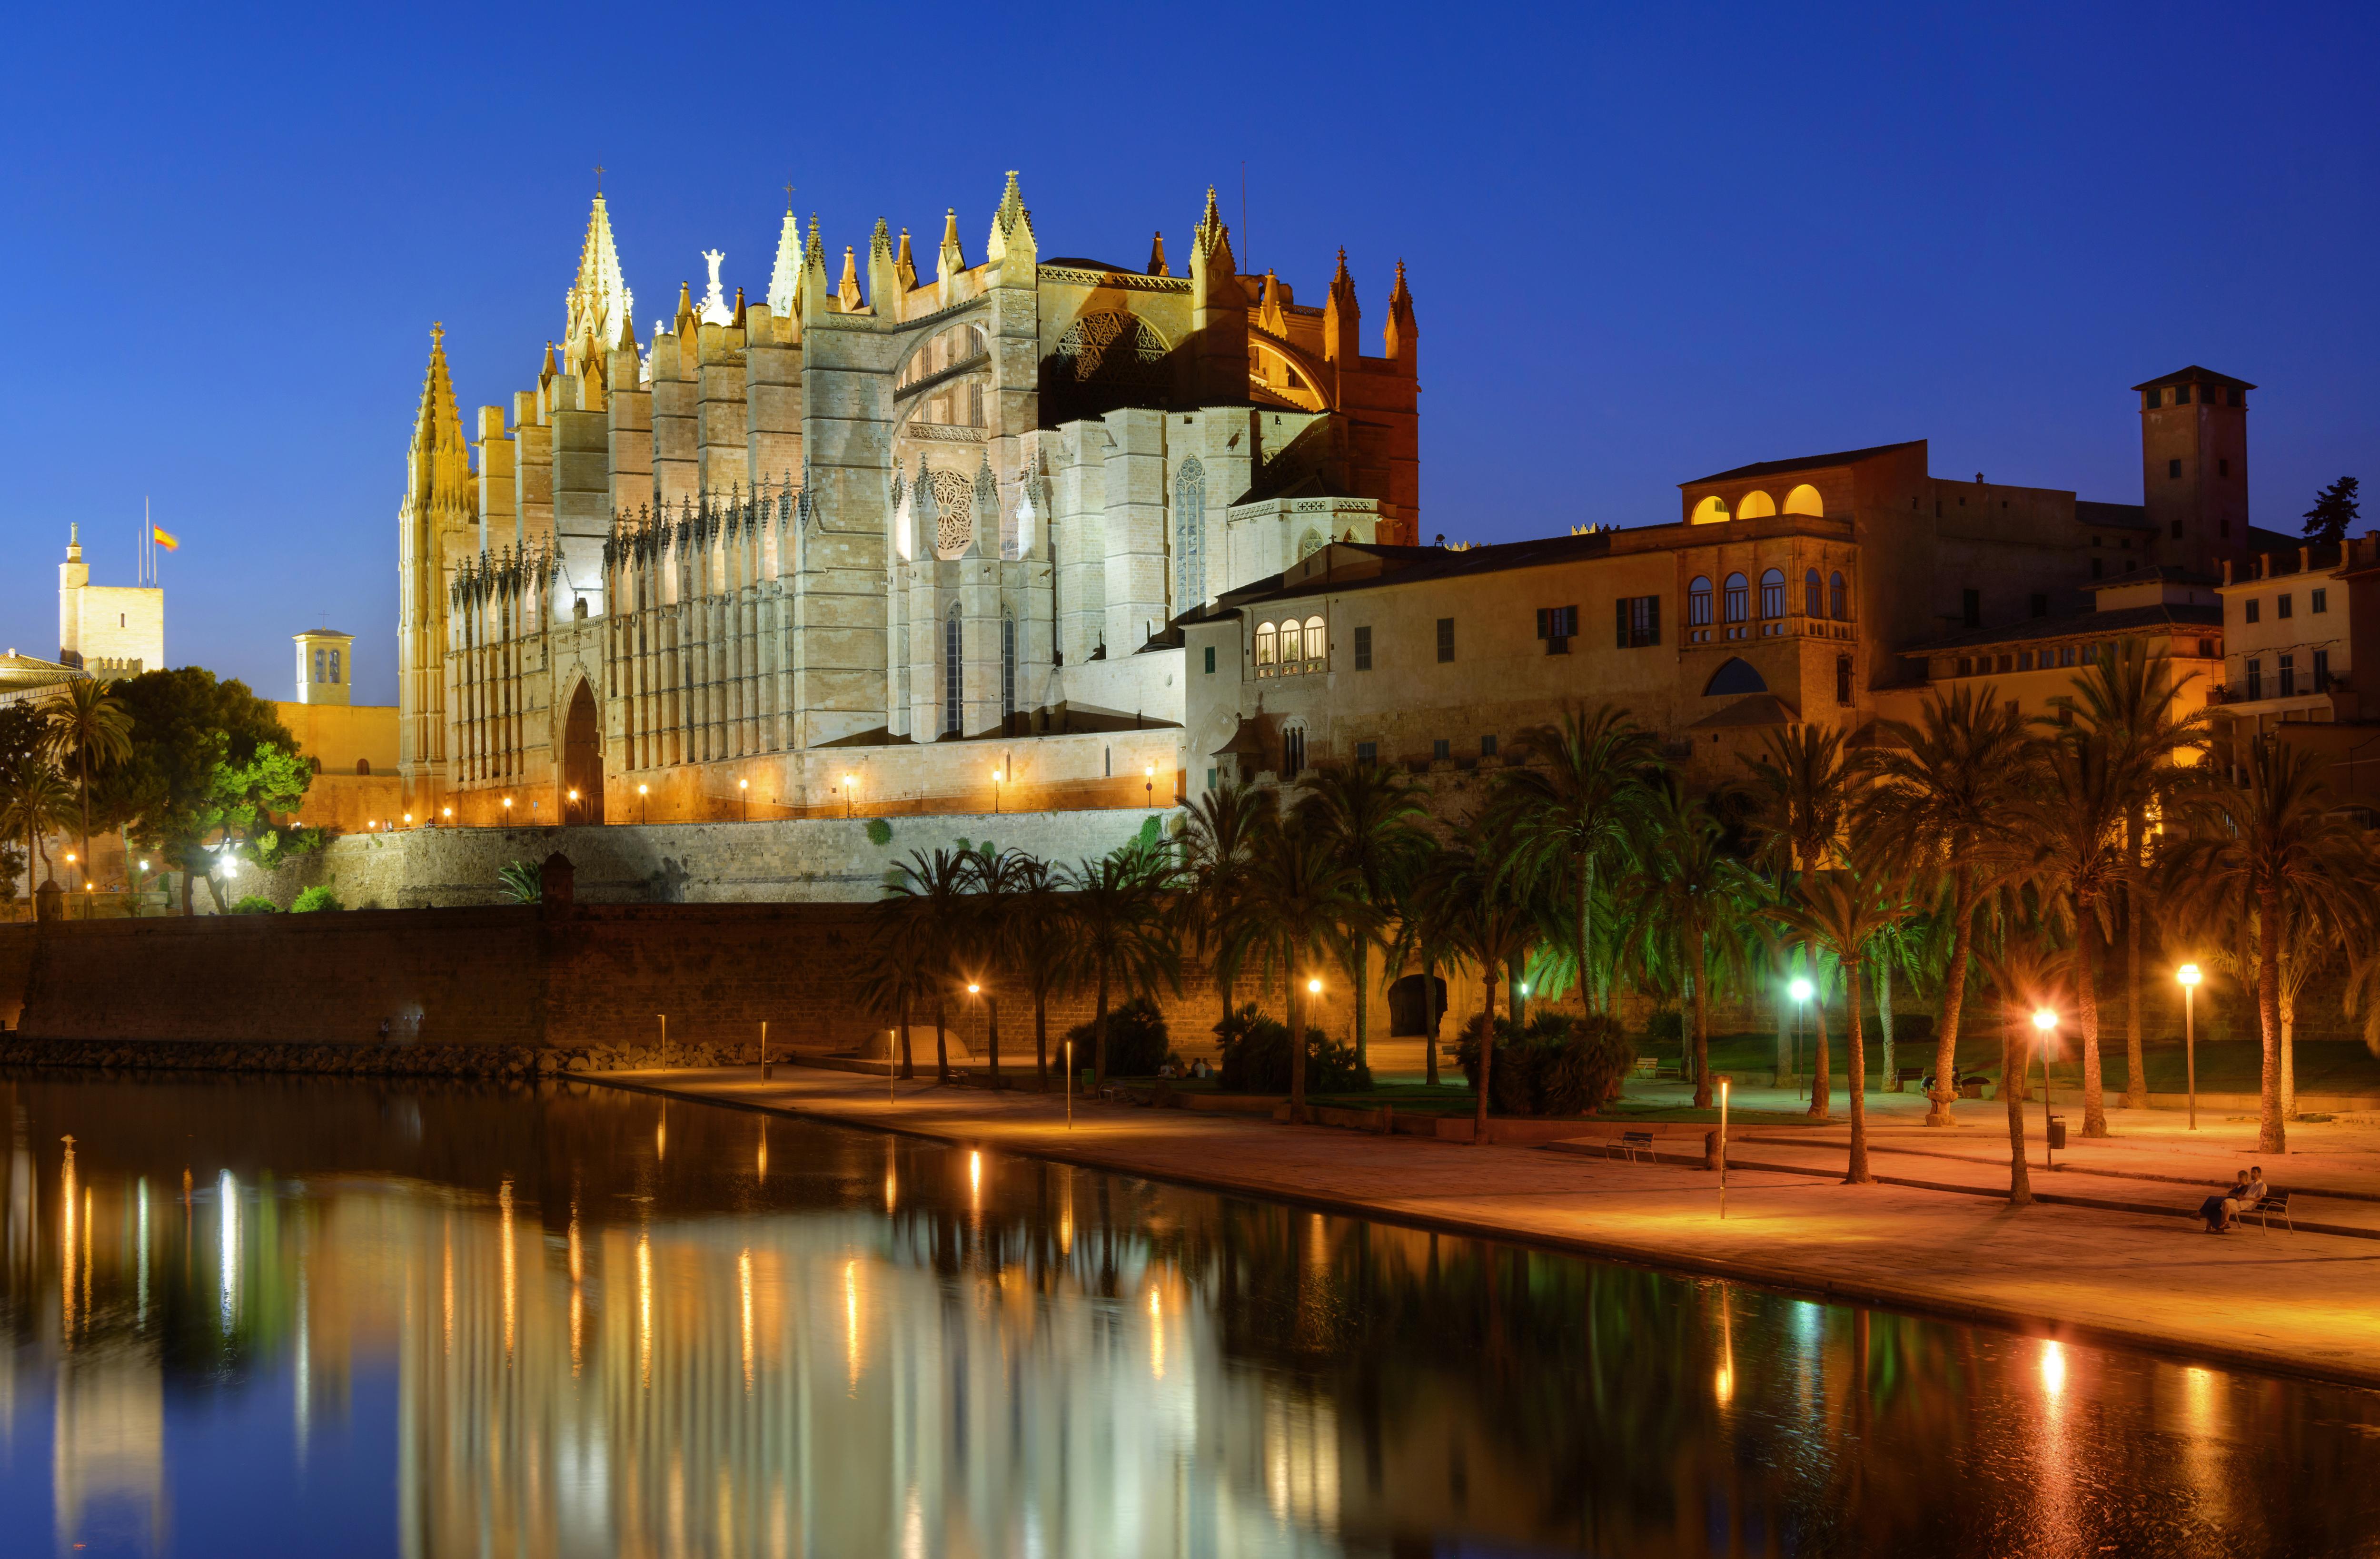 Wallpaper Majorca Mallorca Palace Spain Palma de Mallorca 5000x3276 5000x3276